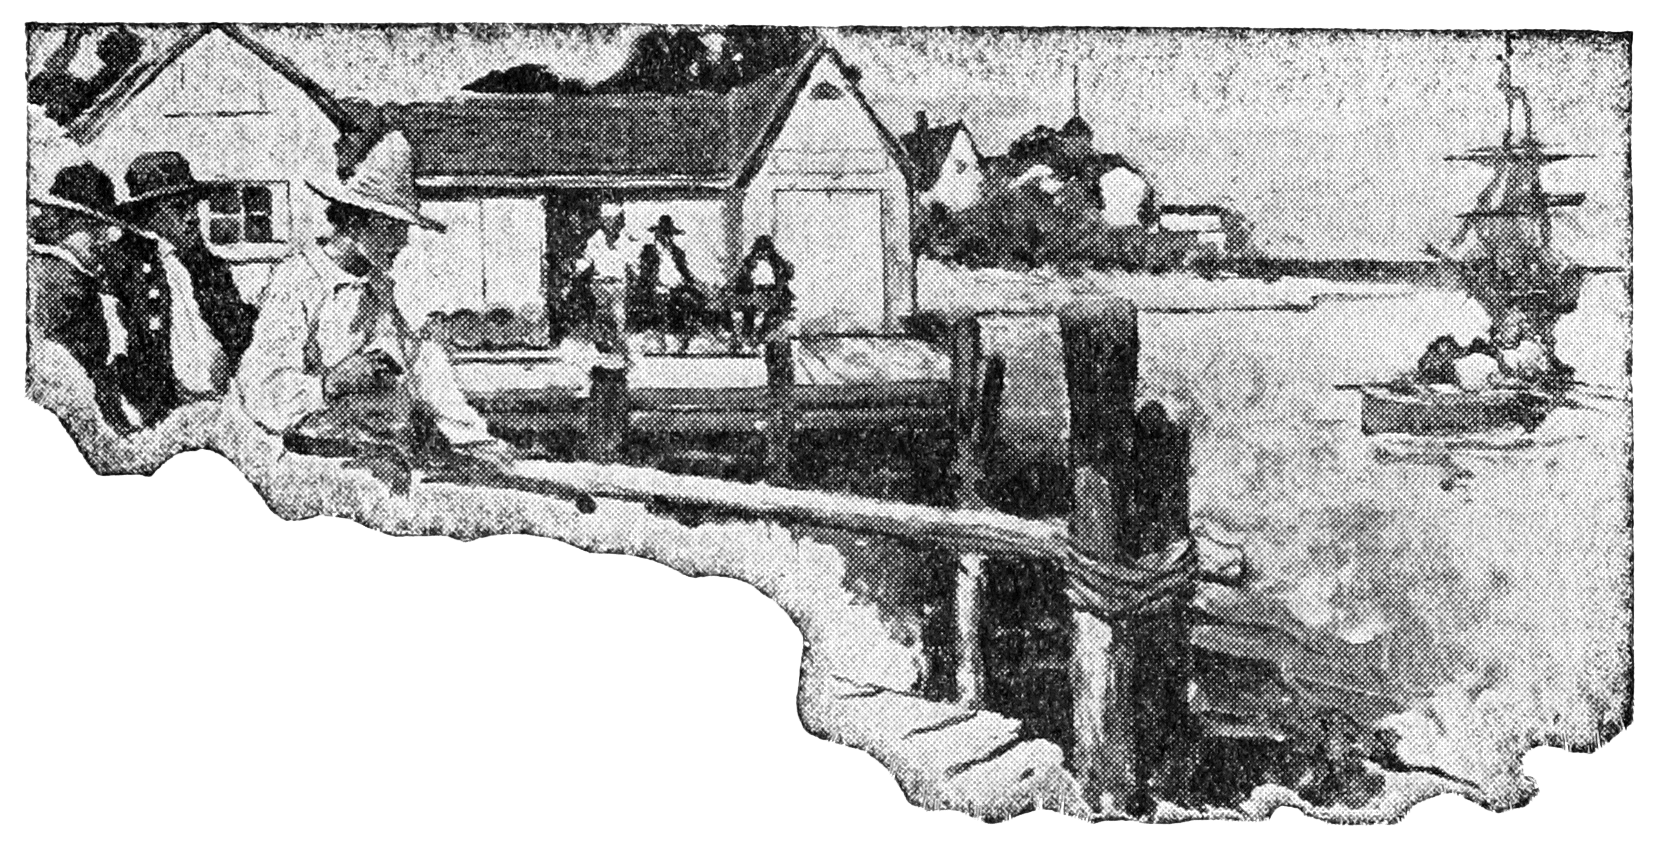 Charles Town - Blackbeard, Buccaneer (1922)